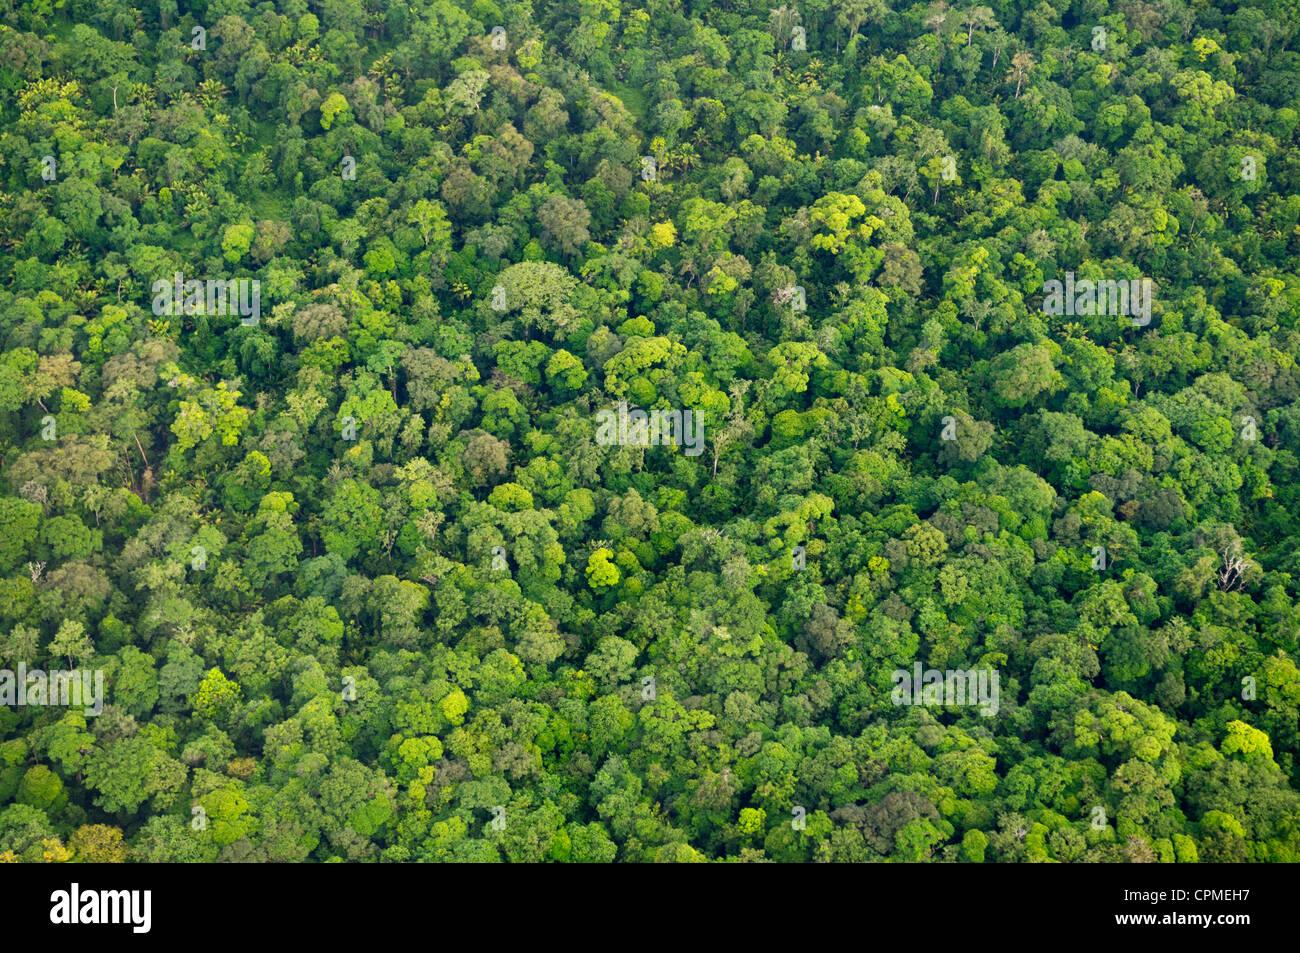 La canopée de la forêt tropicale de l'air, Parc National de Tortuguero, Costa Rica Photo Stock